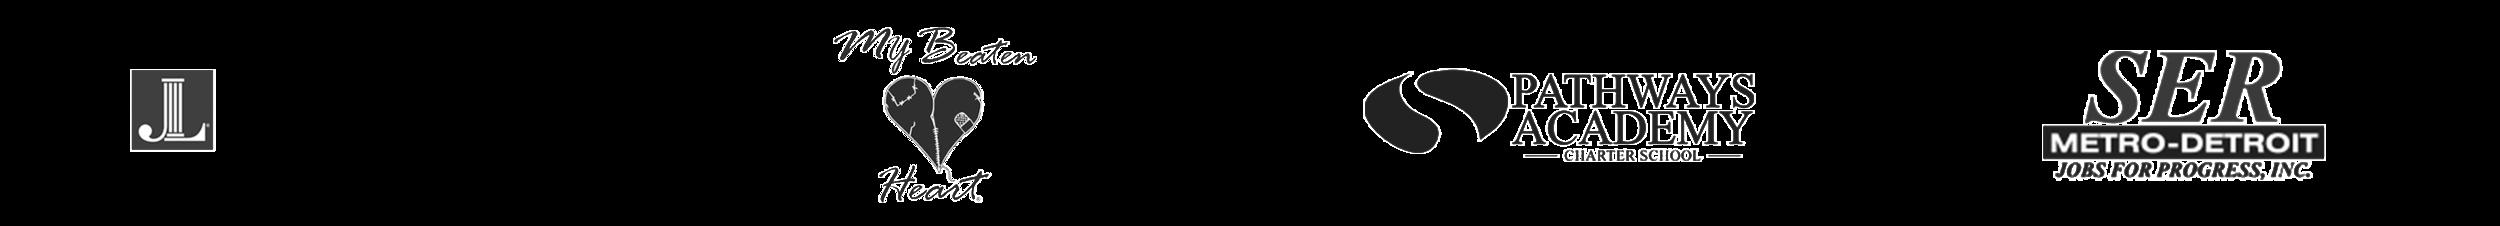 partners-logos-3.png